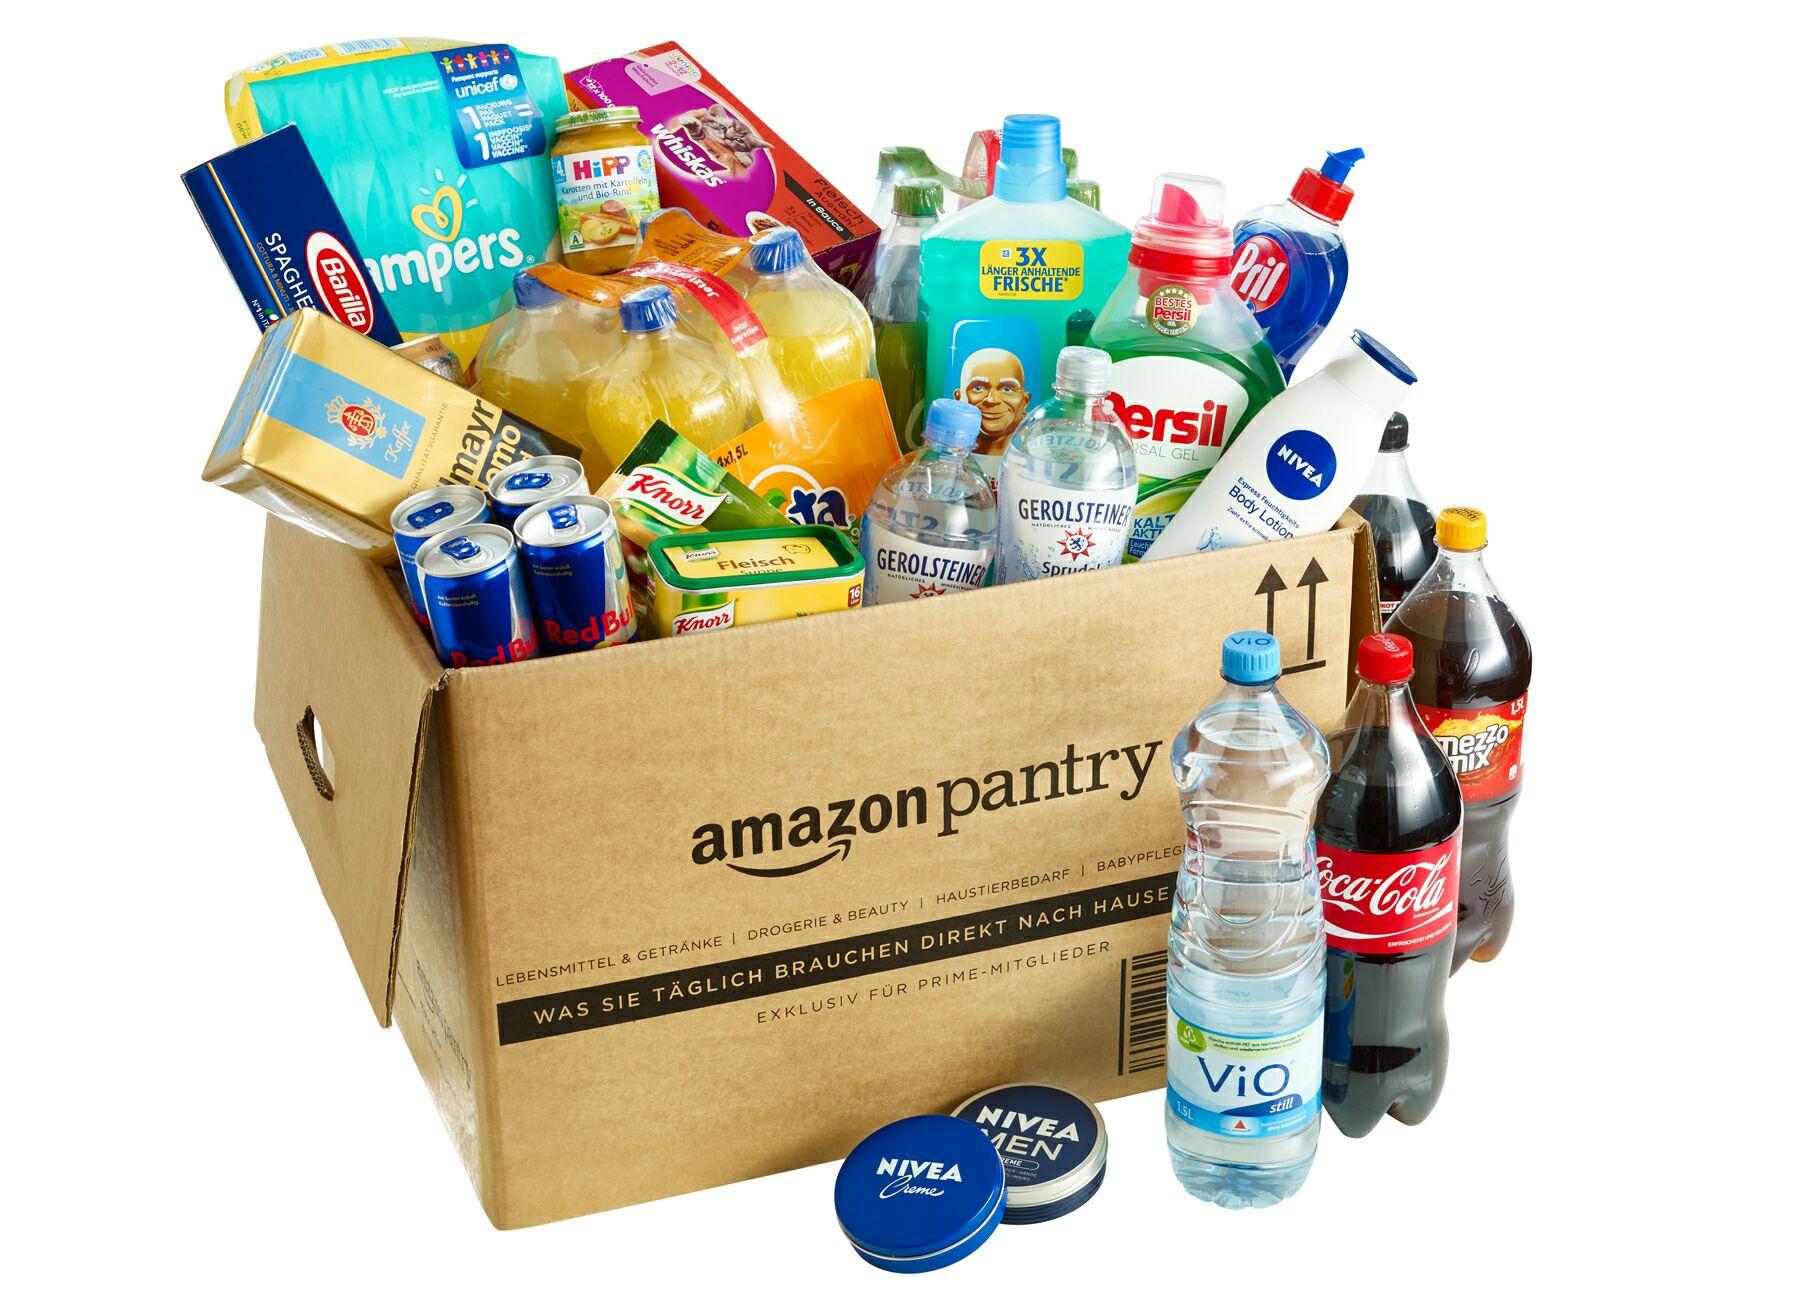 [Amazon Pantry] 5€ Sofort Rabatt ab einem Bestellwert von 40€ [Prime]